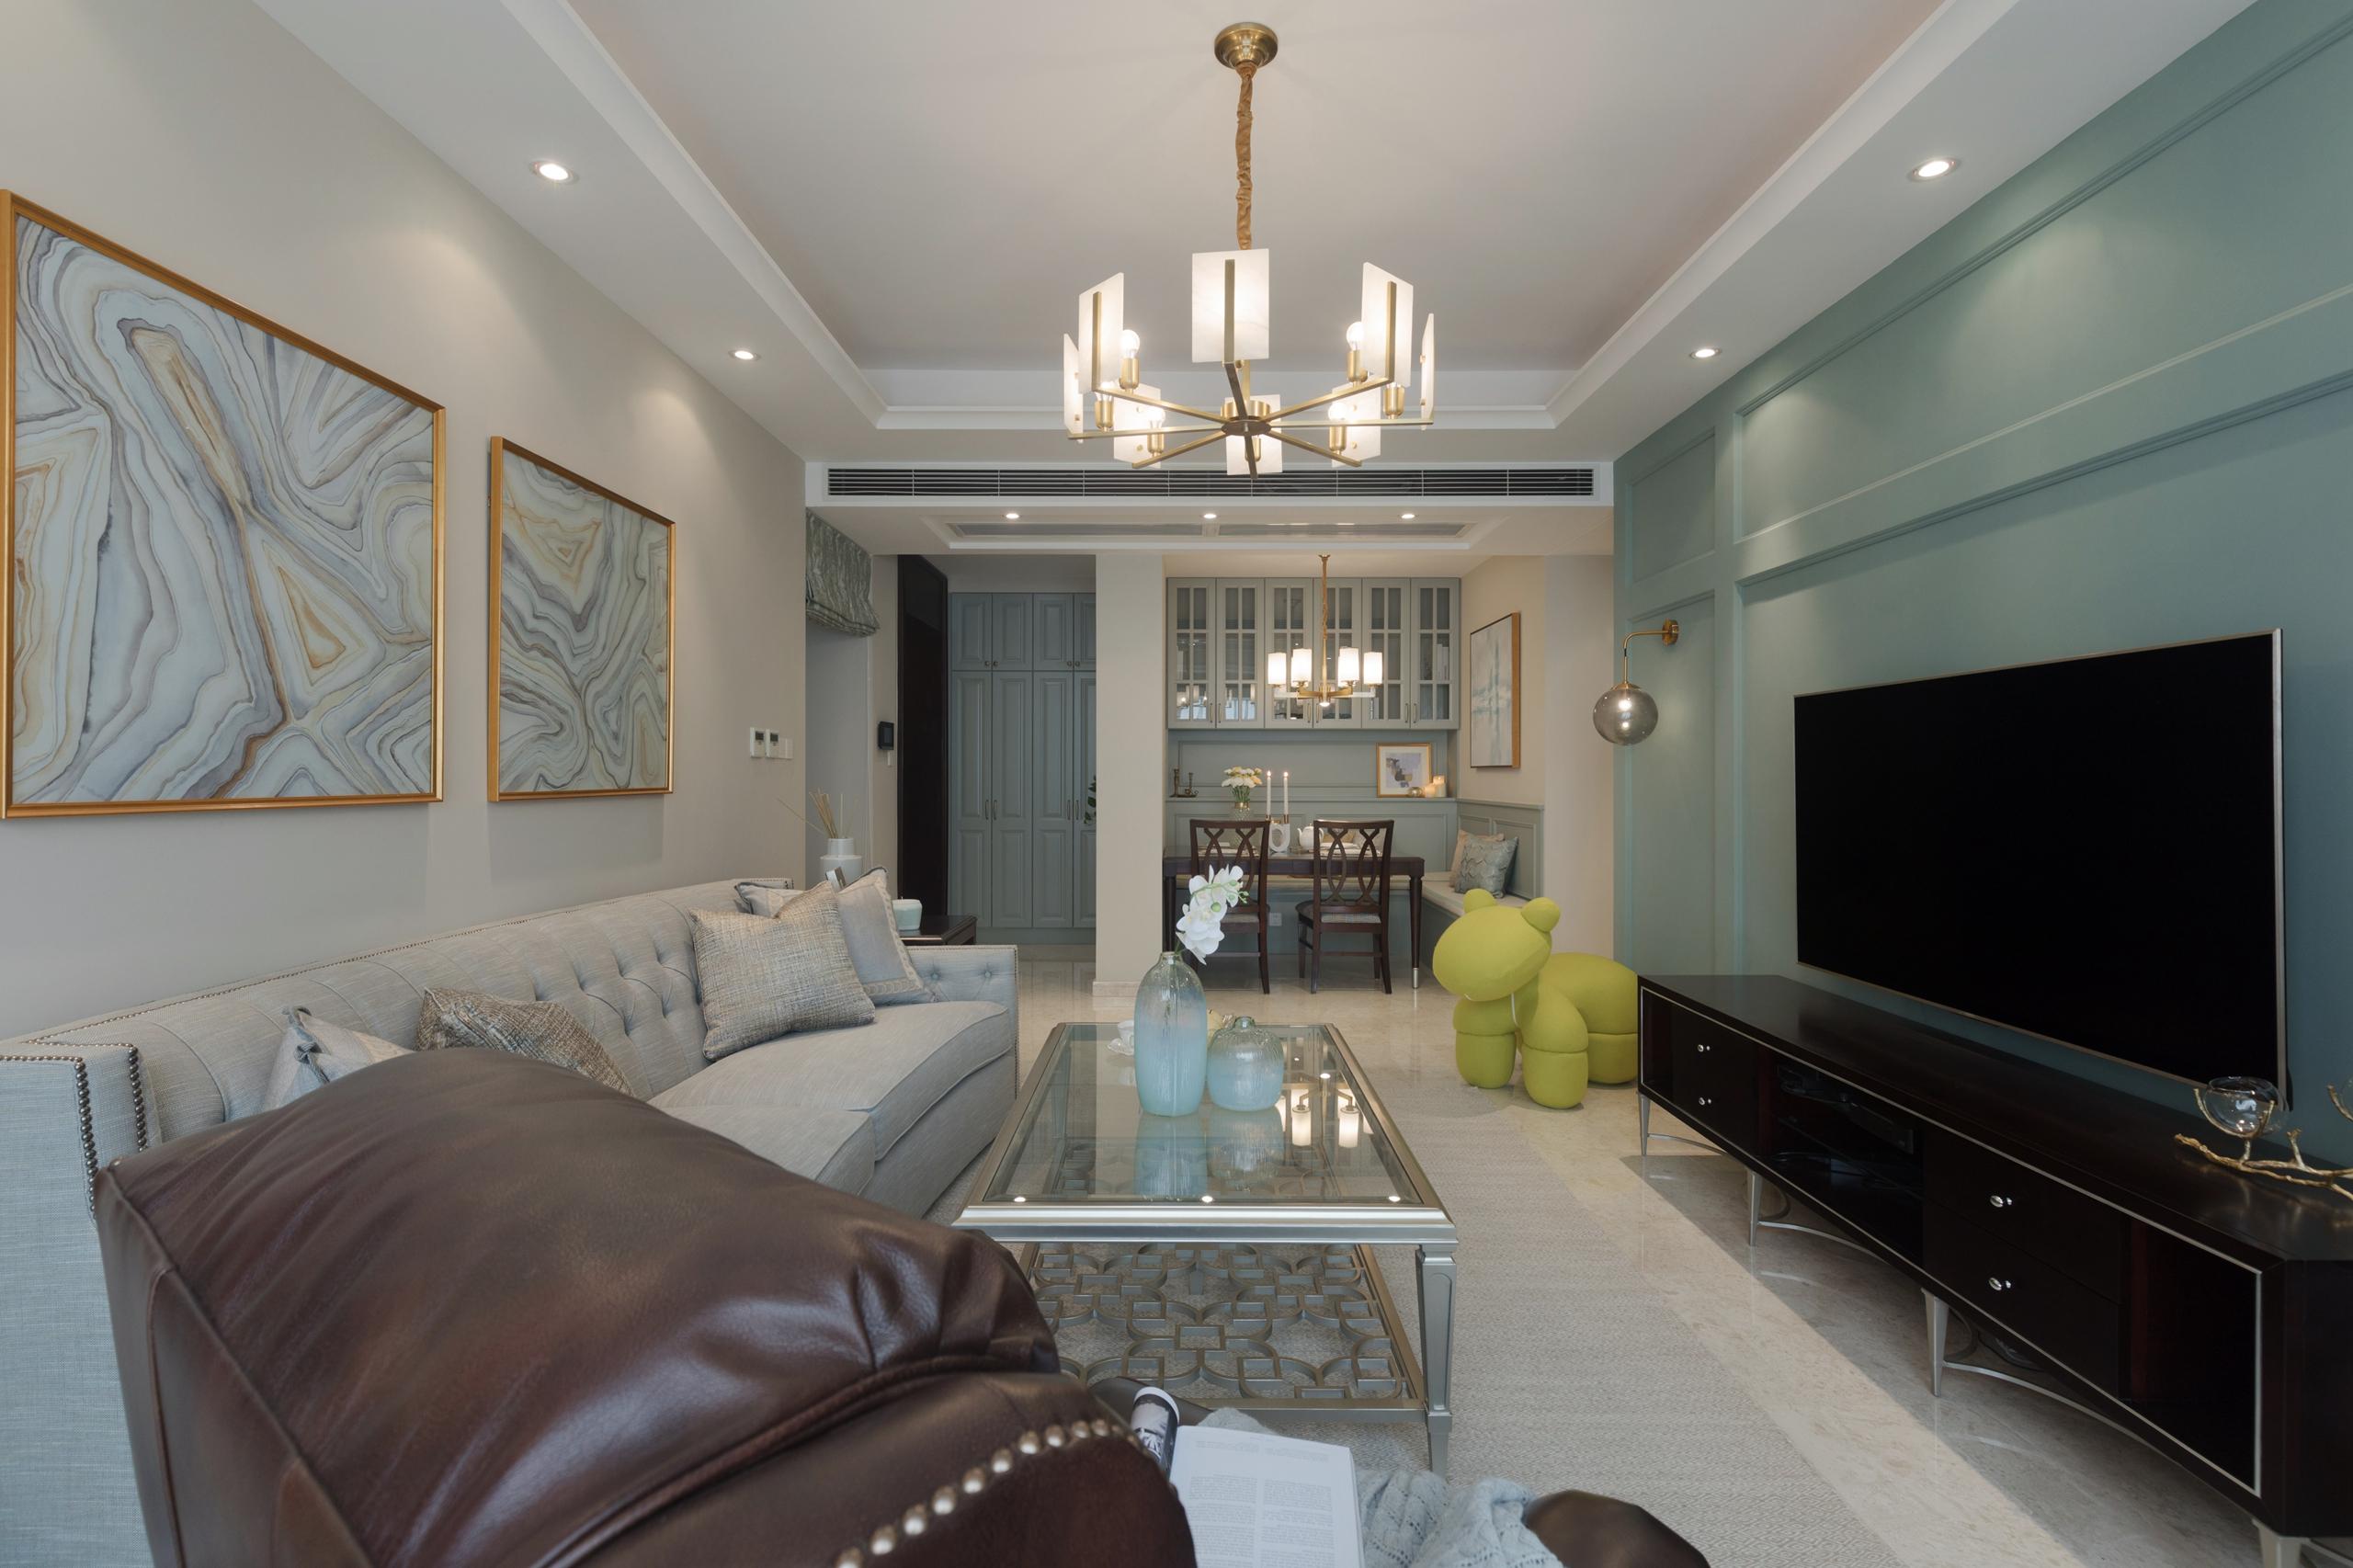 明亮95平简欧三居客厅装修图客厅电视背景墙1图北欧极简客厅设计图片赏析